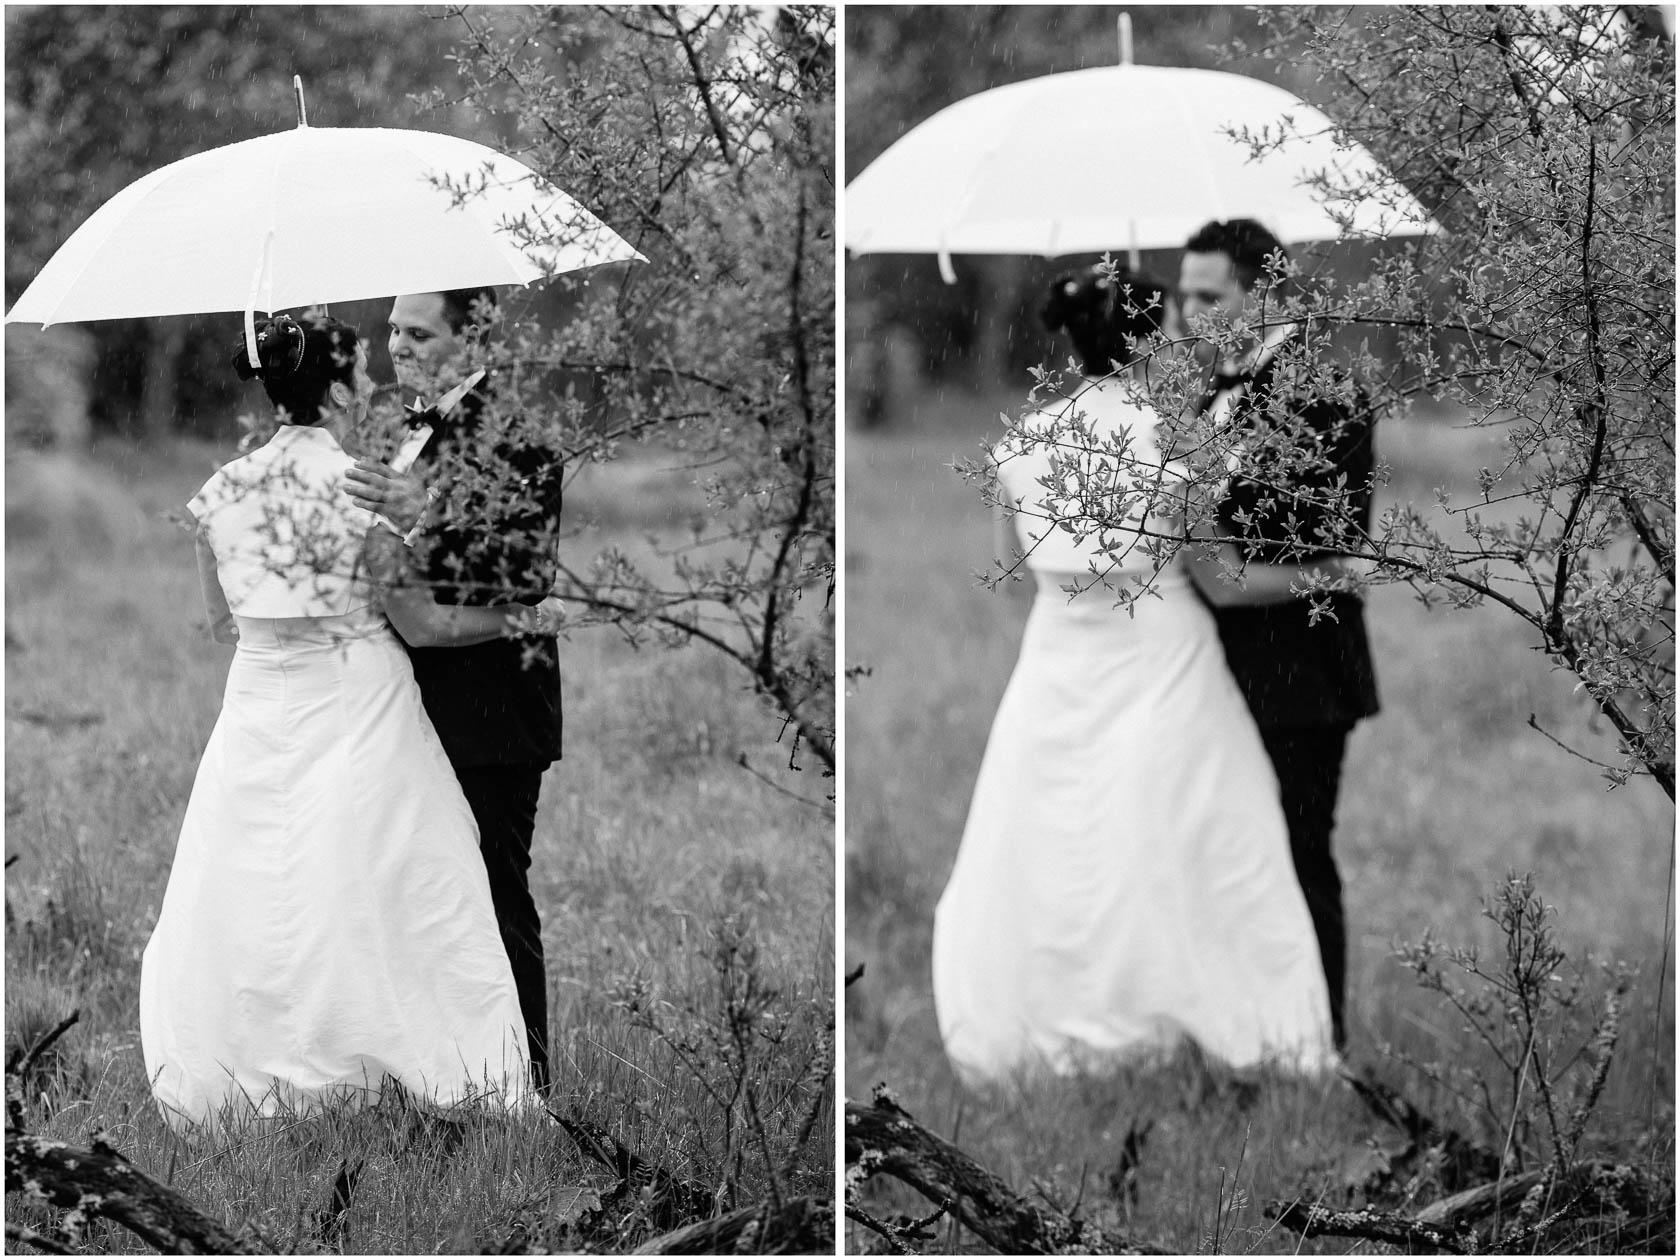 Brautpaar Shoot im Regen Hochzeitsfotos bei Regen Weißer Regenschirm